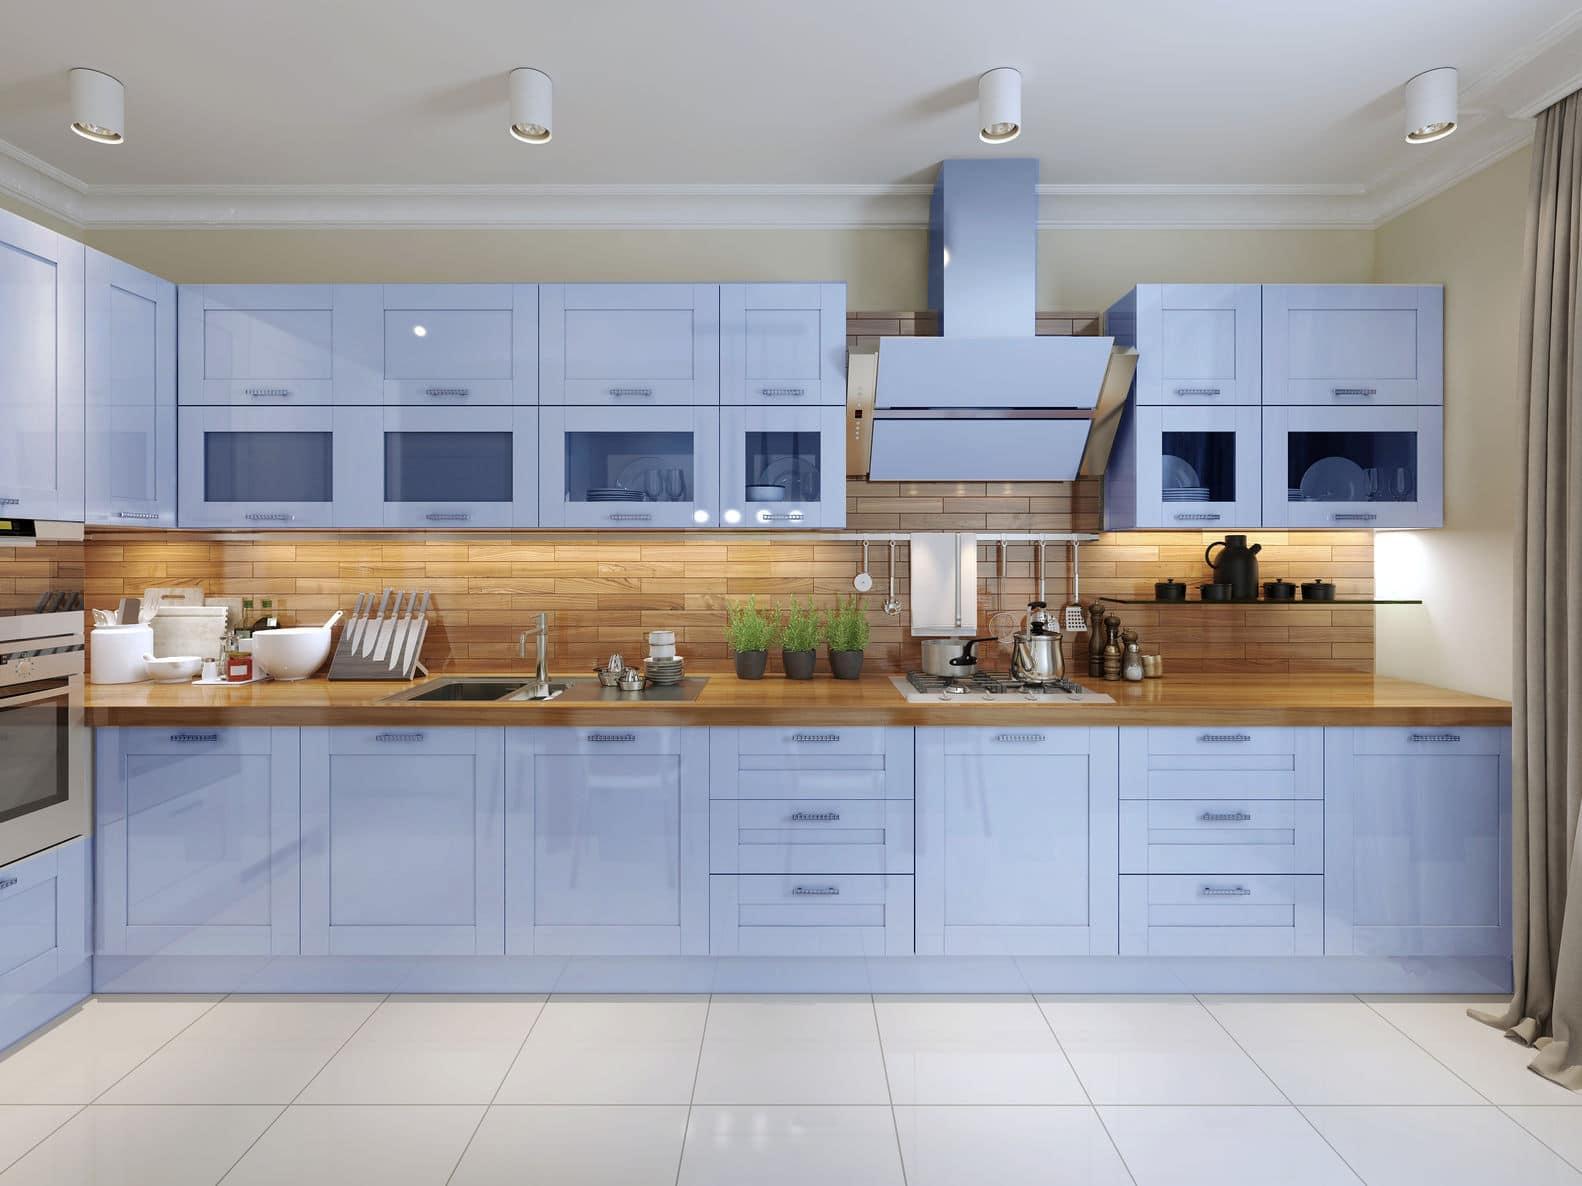 מטבח מודרני דגם רטרו בעיצוב מיוחד מעצב אישי צמוד